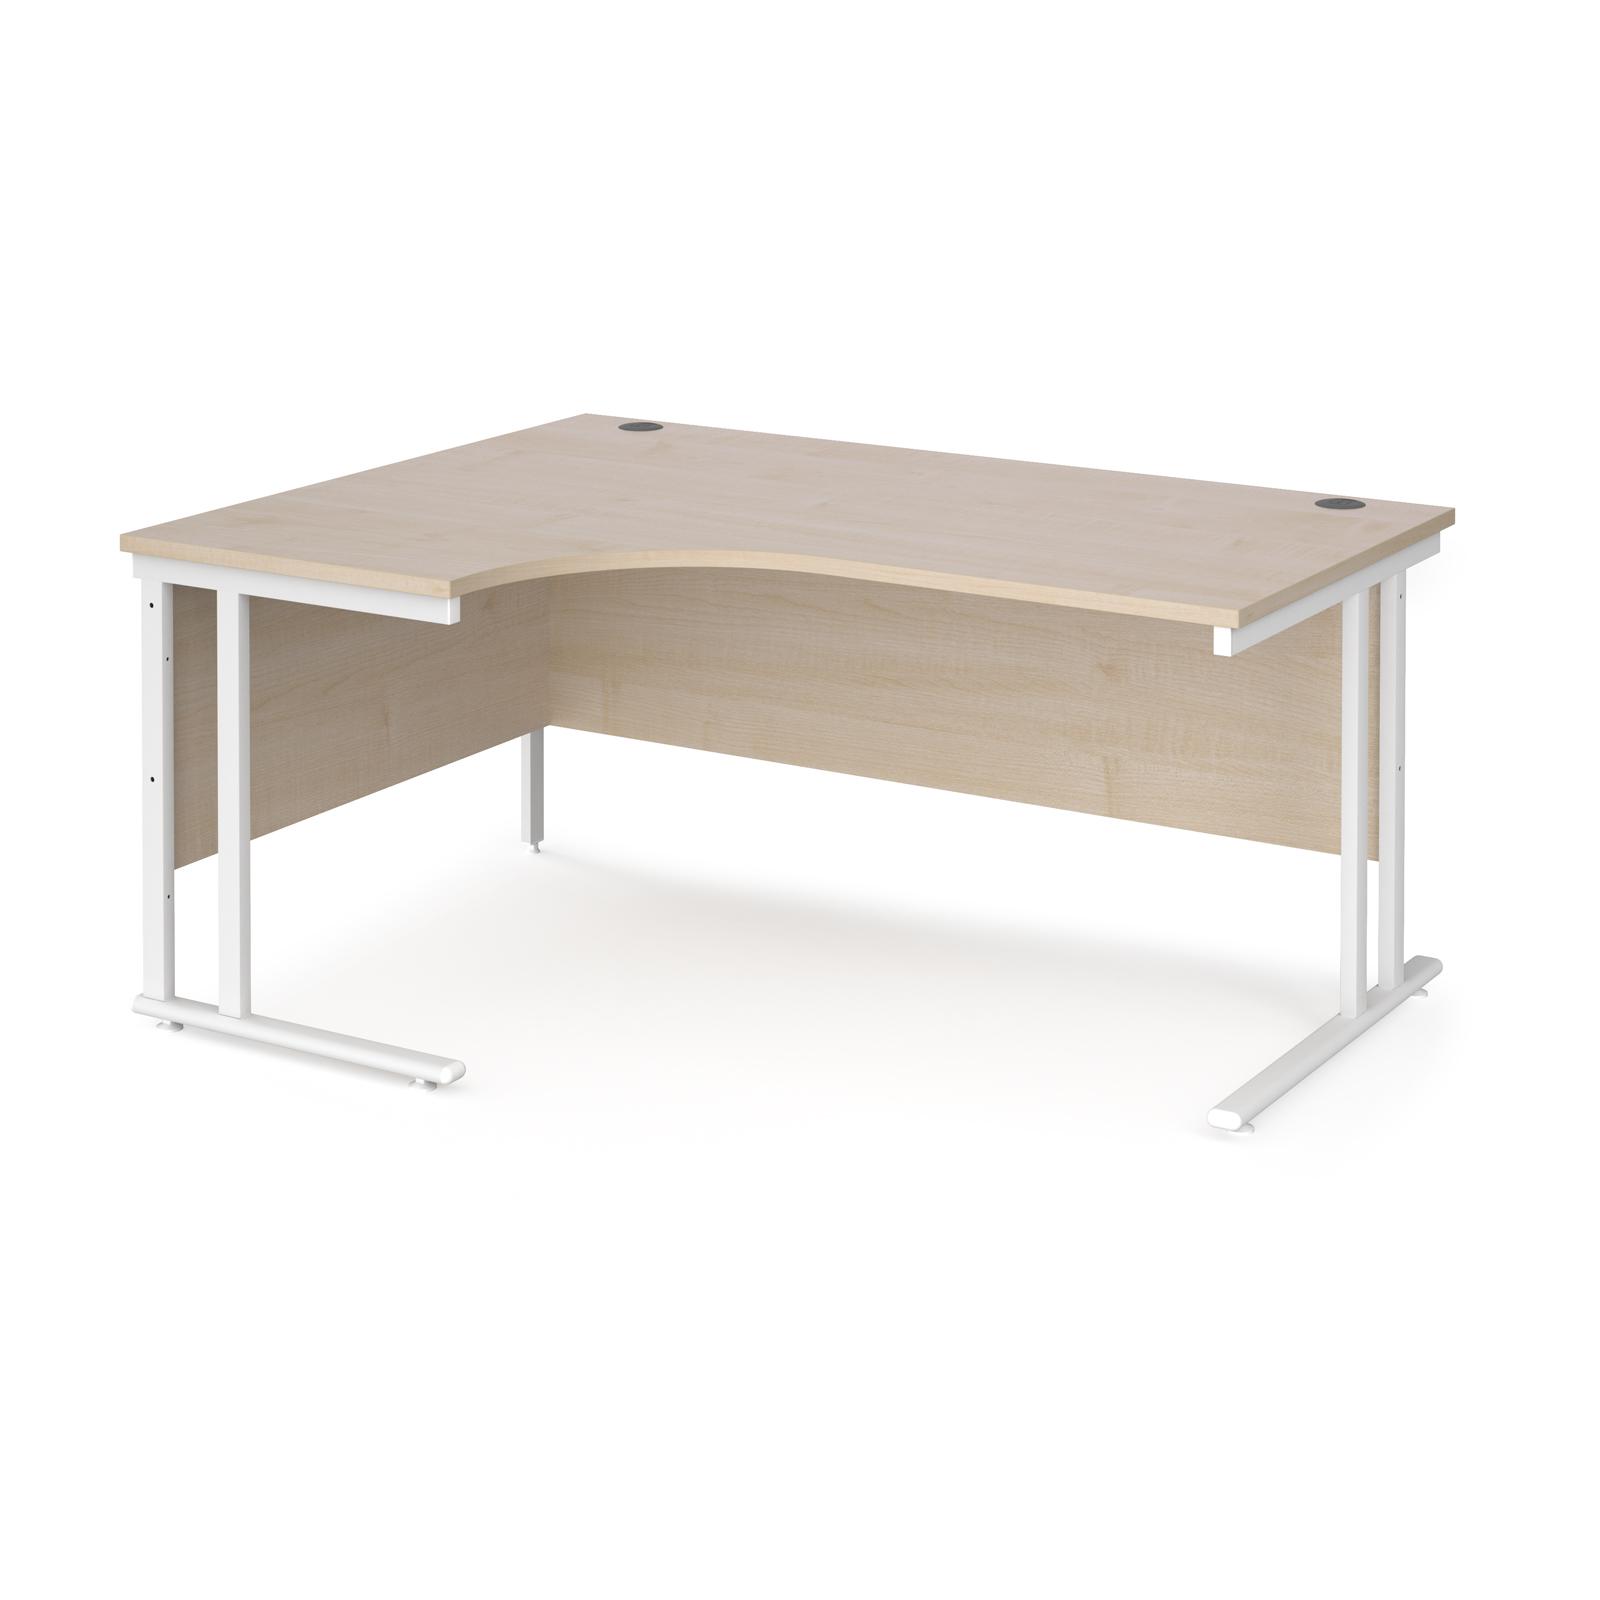 Maestro 25 left hand ergonomic desk 1600mm wide - white cantilever leg frame, maple top